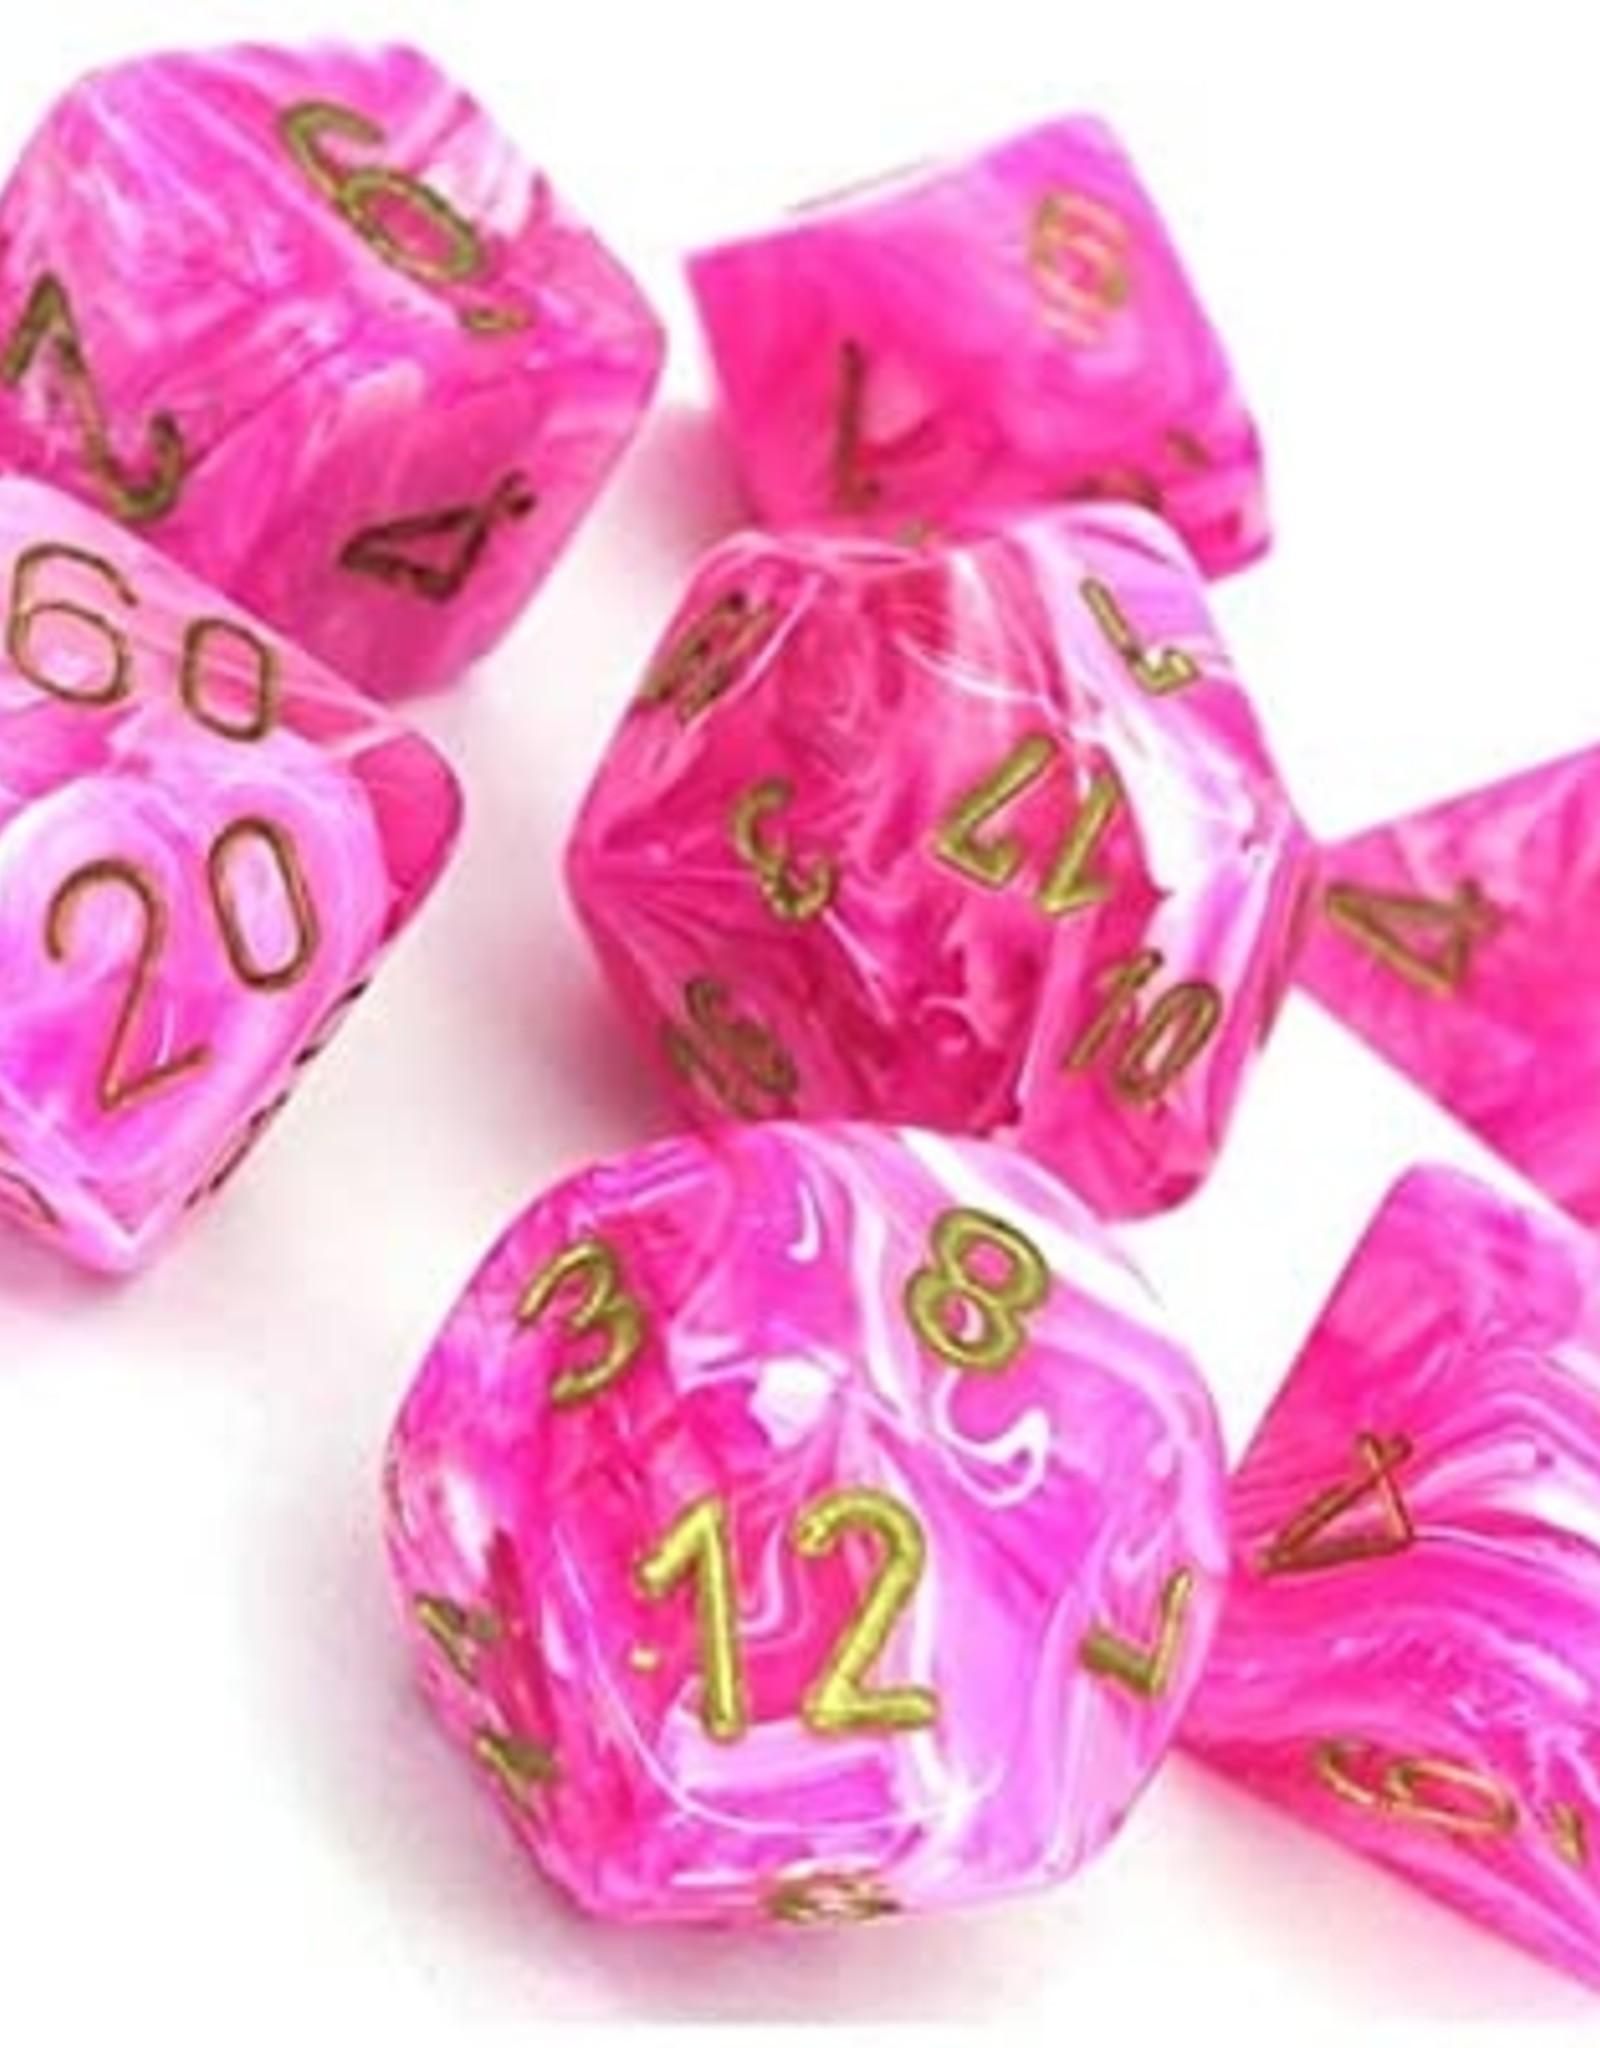 Chessex Chessex 7-Die set Vortex - Pink/Gold